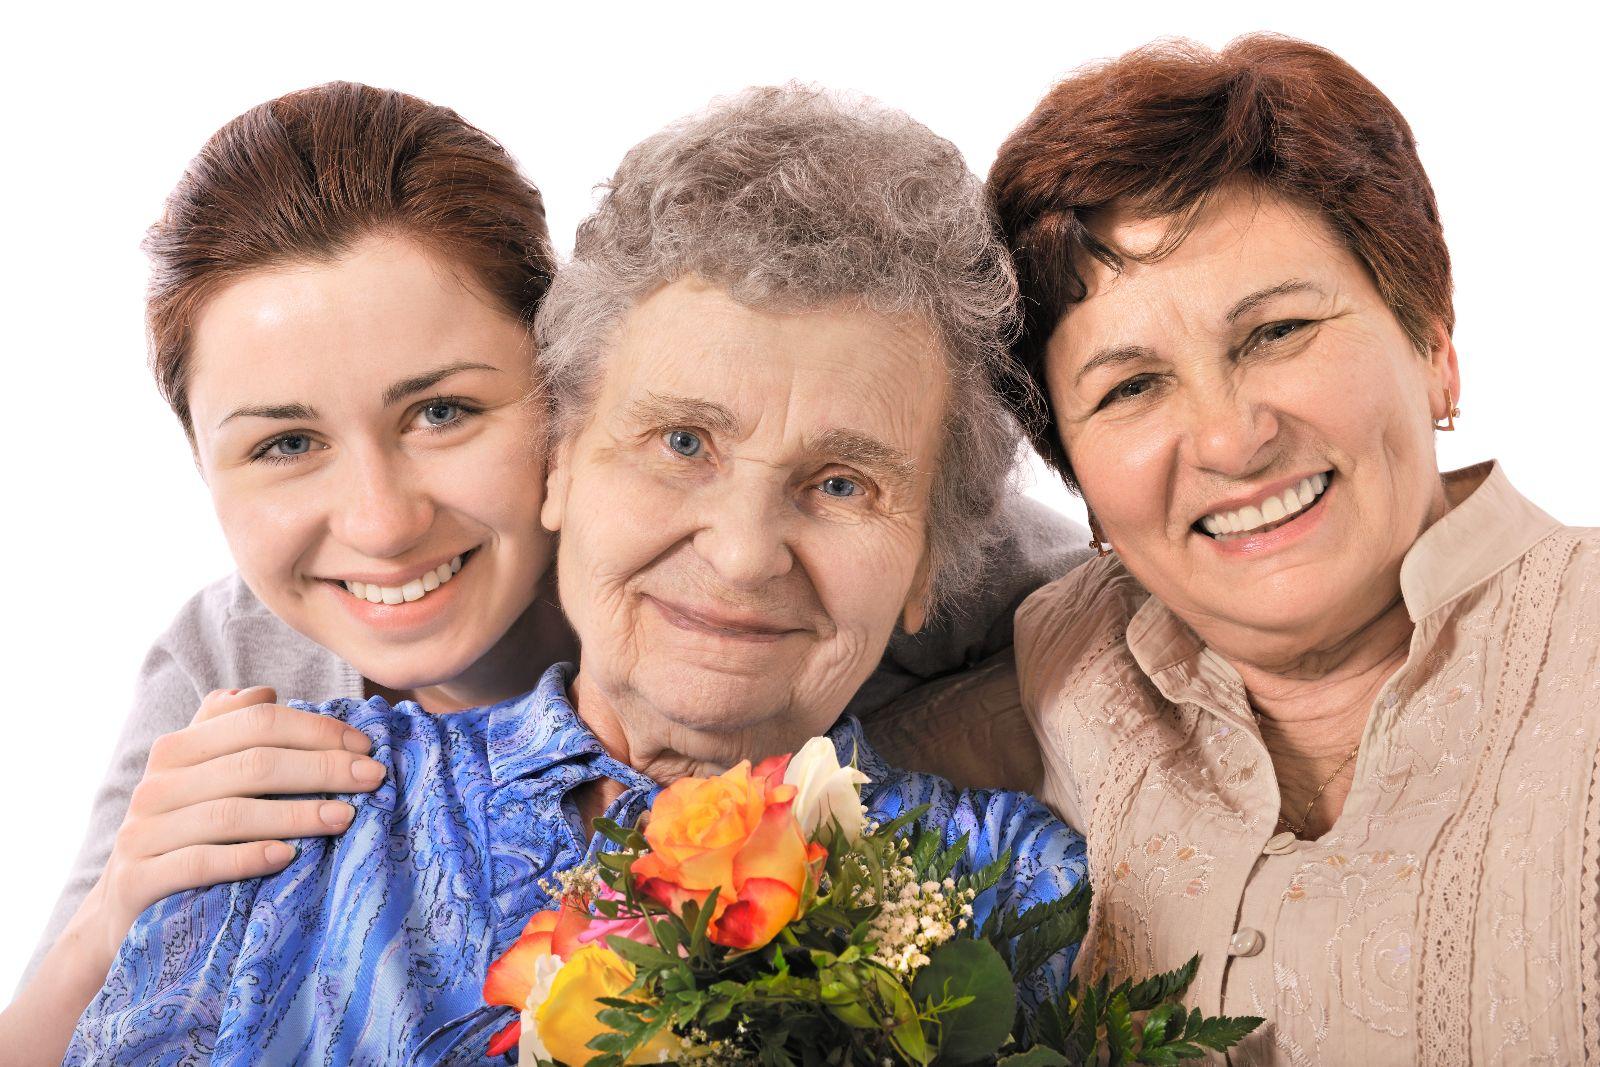 Regalos con flores para el Día de la Madre